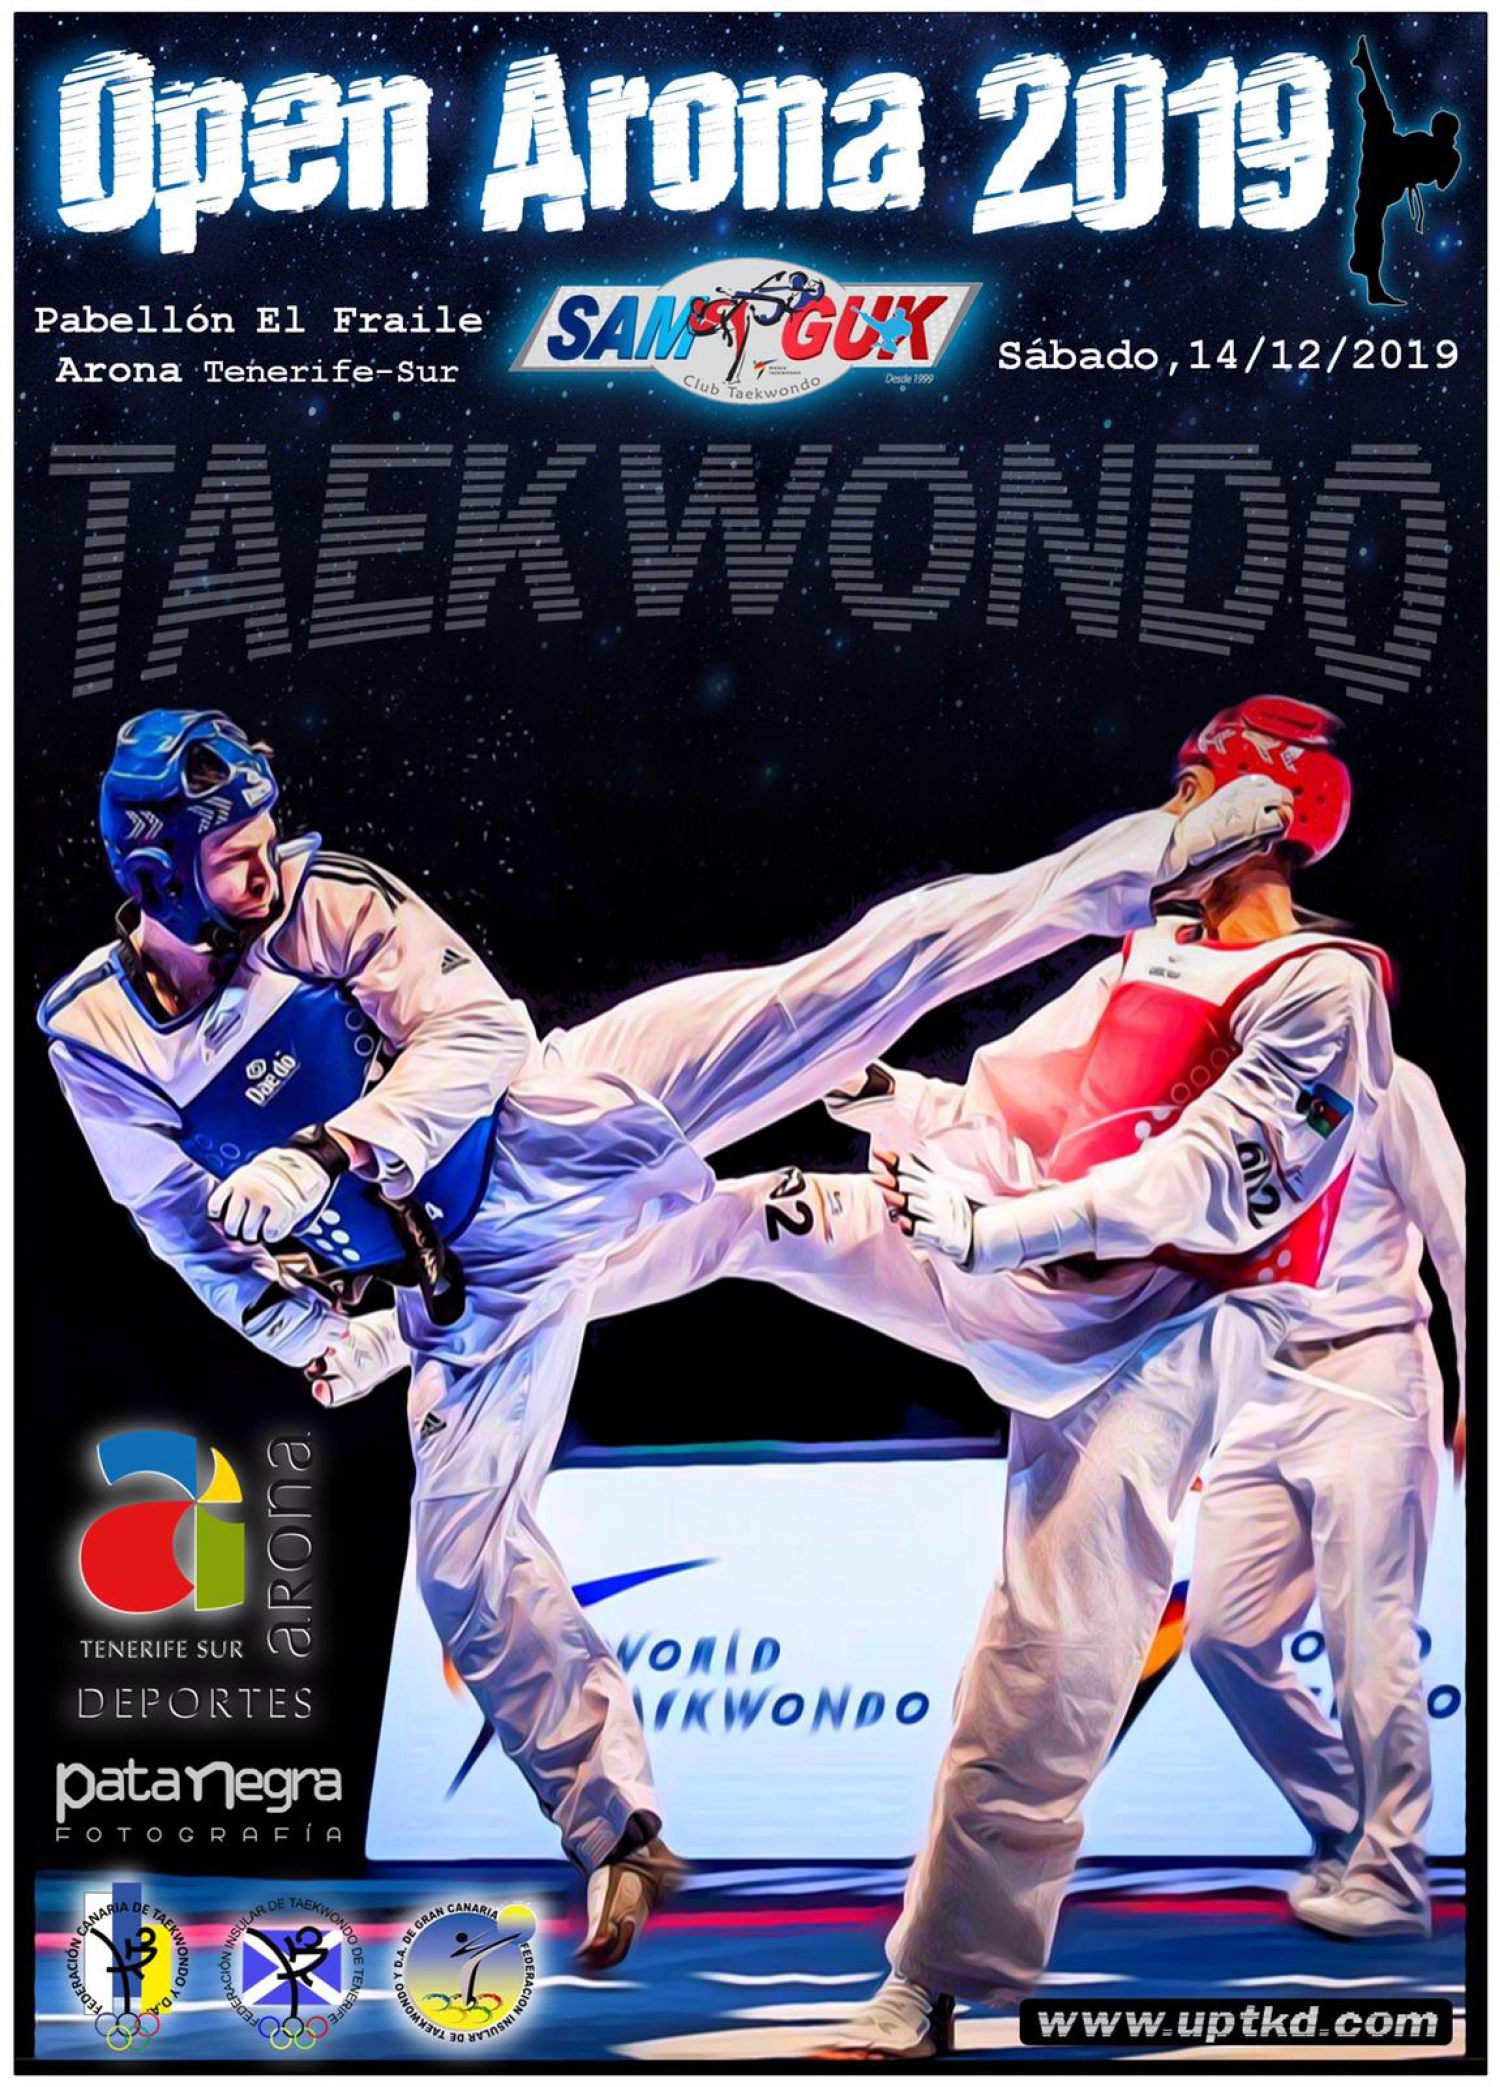 Open Arona 2019 - Taekwondo